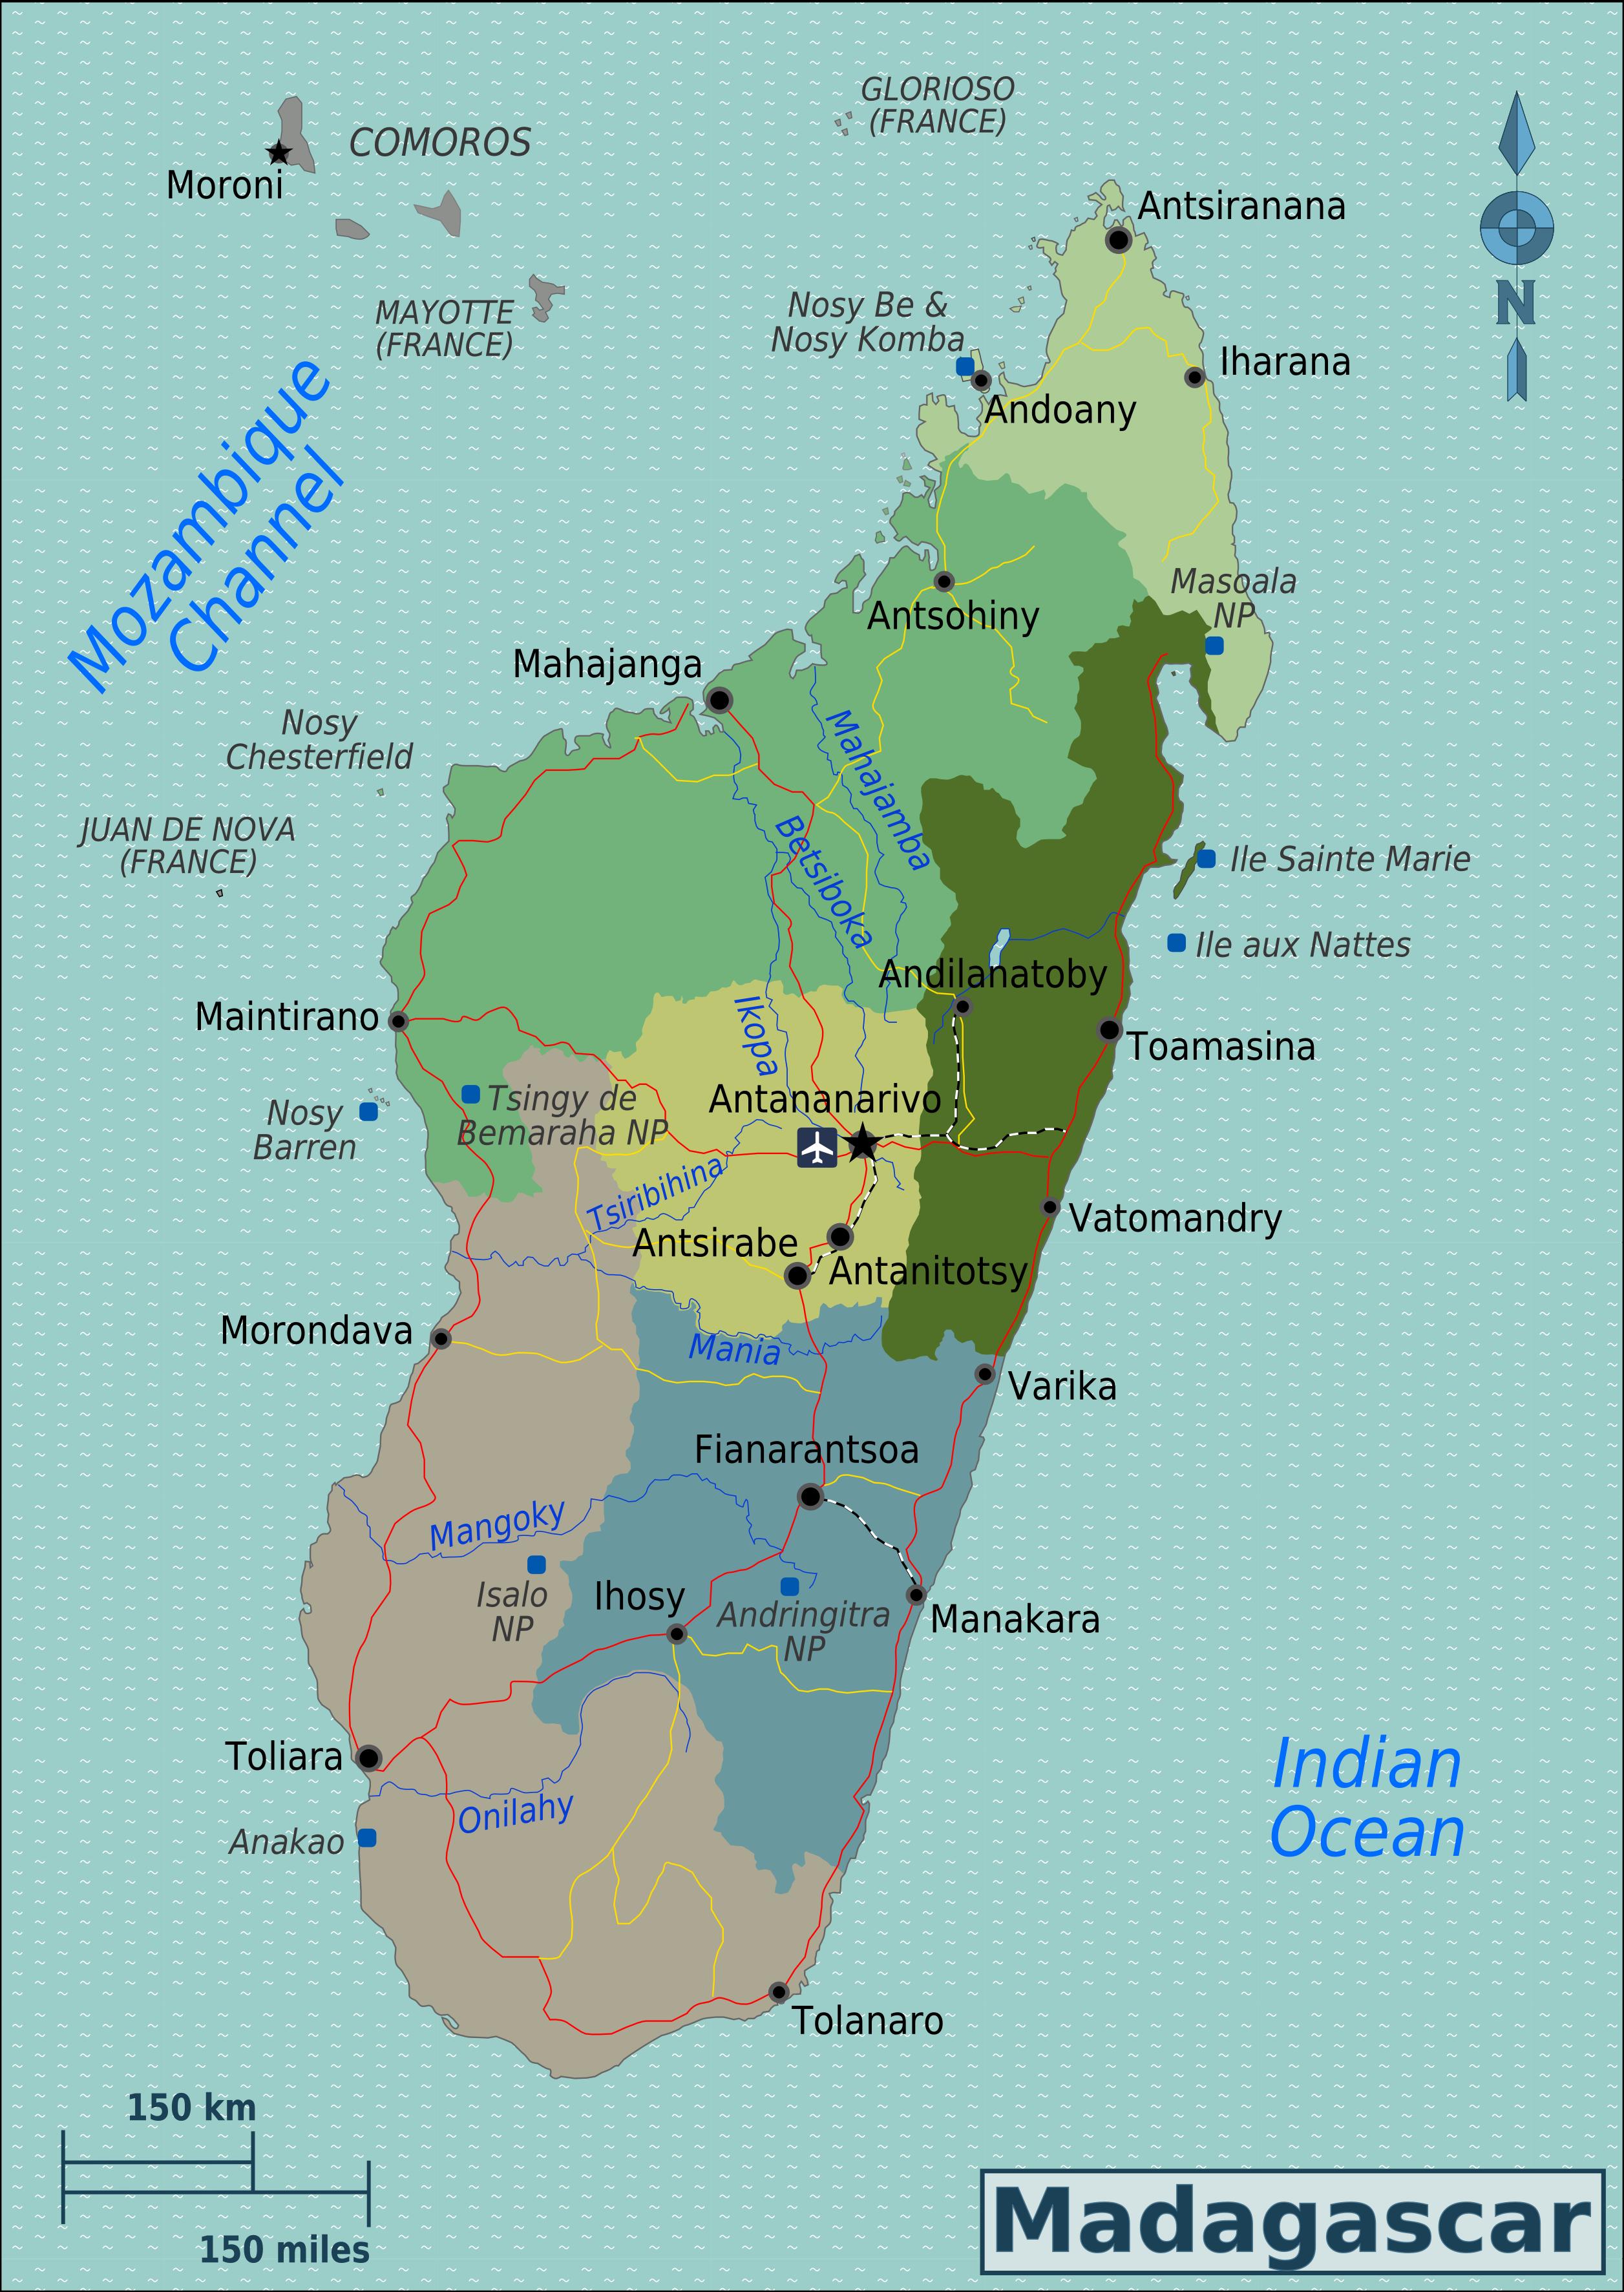 Madagaskar Karte.Madagaskar Reisefuhrer Auf Wikivoyage